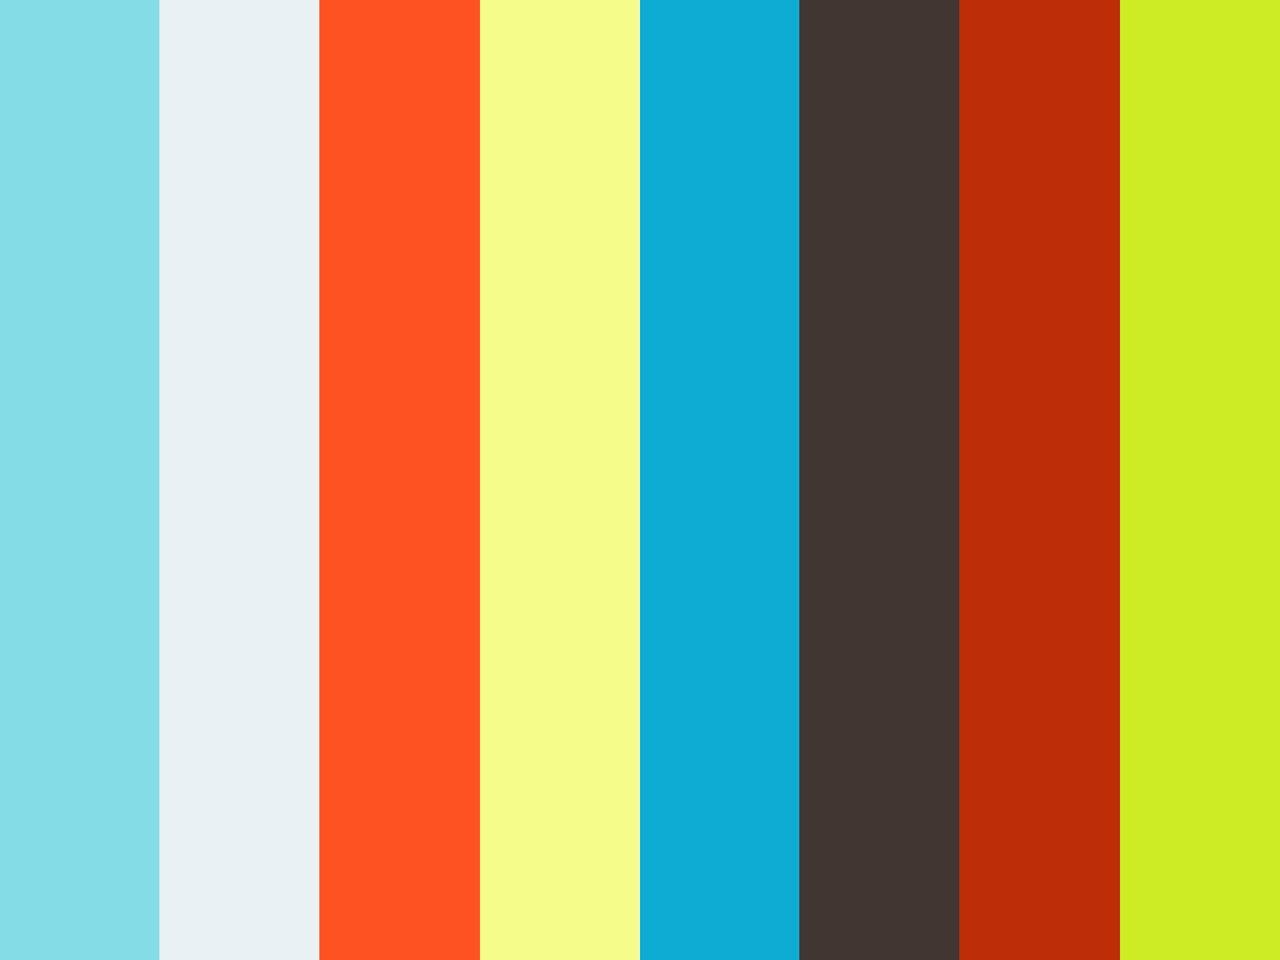 E3-Farinacci Class-0617 (3rd Draft)--Vimeo 1080p